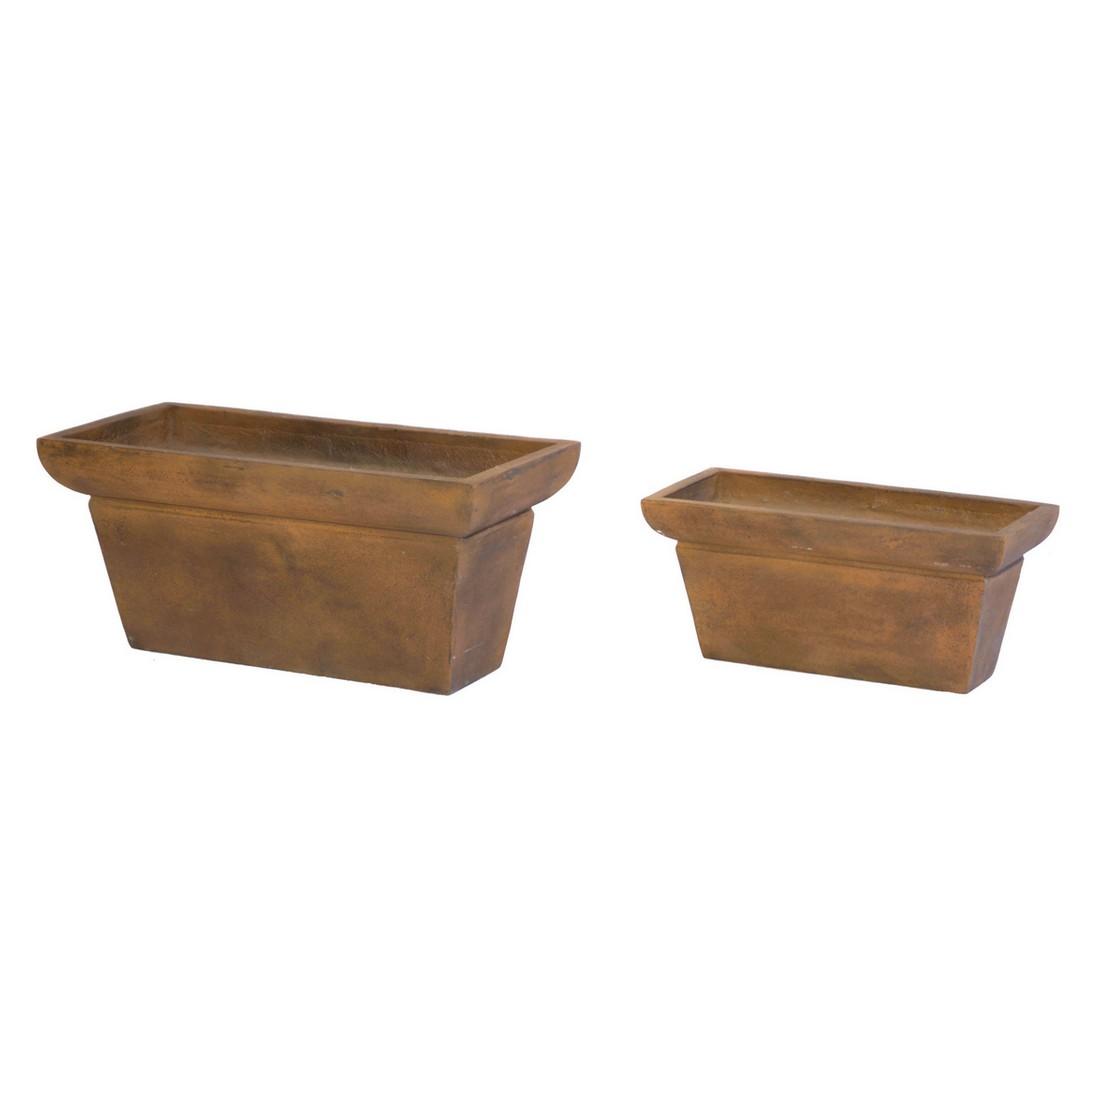 Blumenkasten Rusty Iron – Kunststoff – Desgin Eckig – Länge: 60 cm Breit: 27 cm Höhe: 27 cm (einzeln), Viducci's Garden kaufen